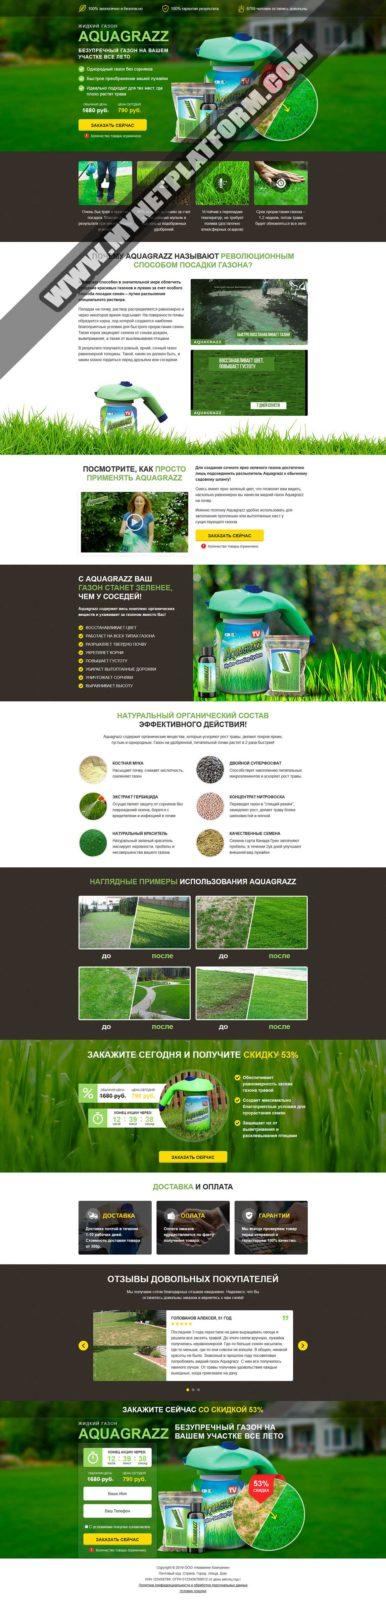 Скриншот Готового лендинга Aquagrazz - жидкий газон 001